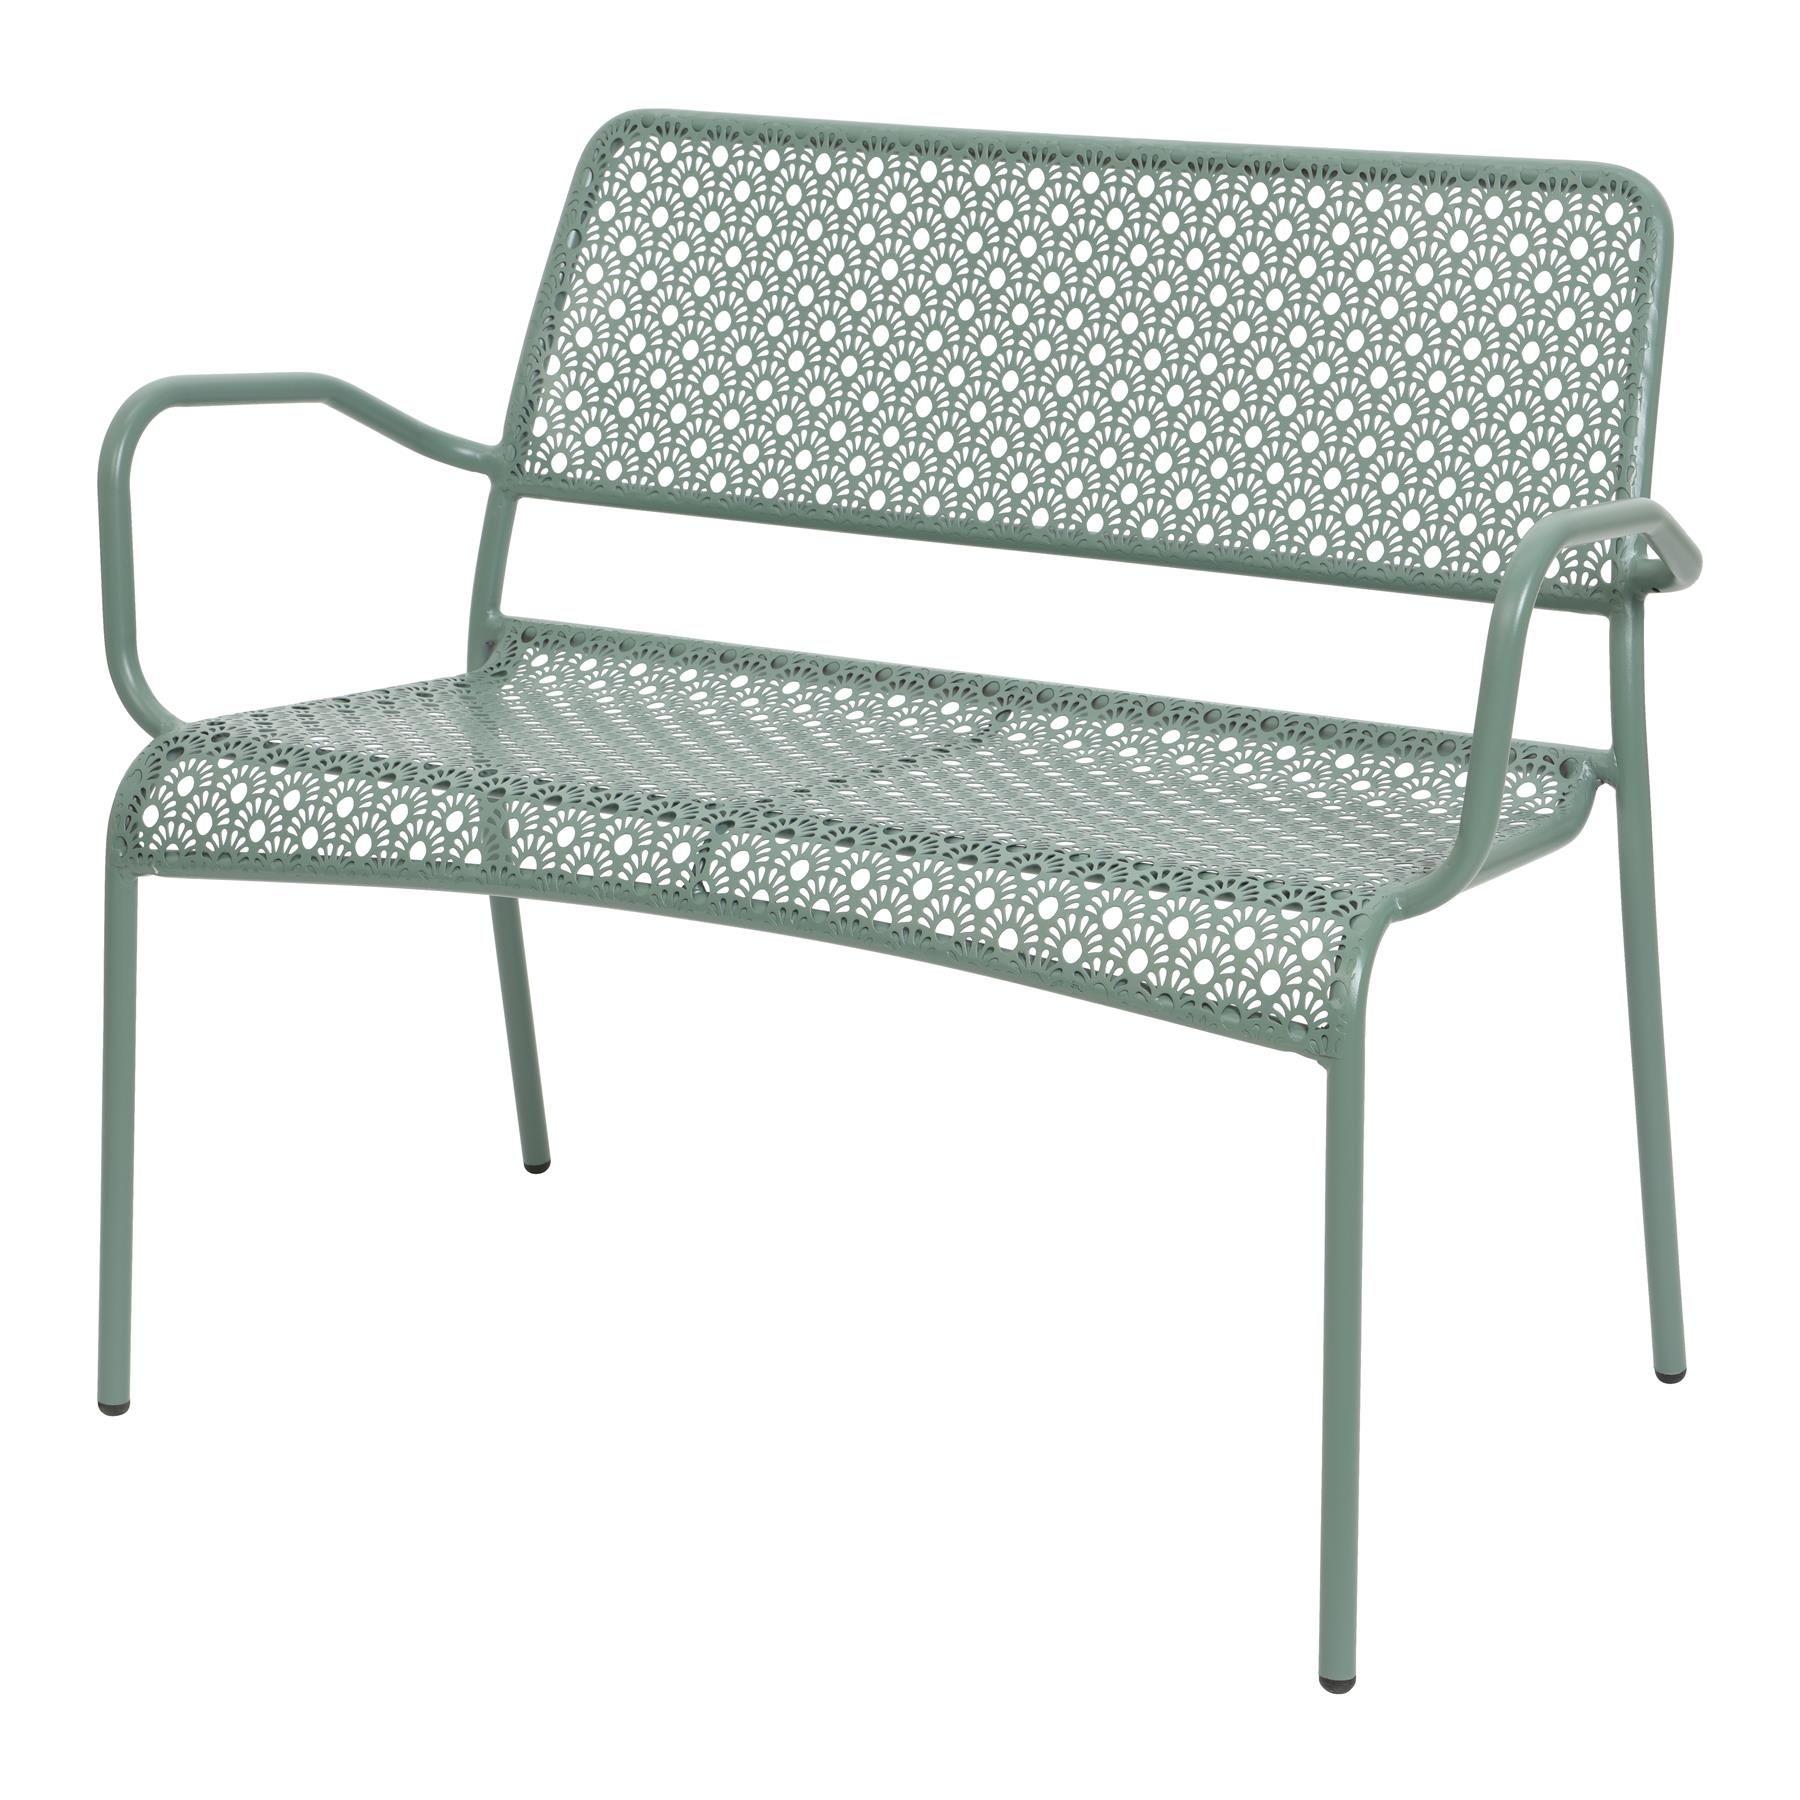 Garden Furniture Bergen Loveseat kopen? Shop bij fonQ ... on Decoris Outdoor Living id=21794